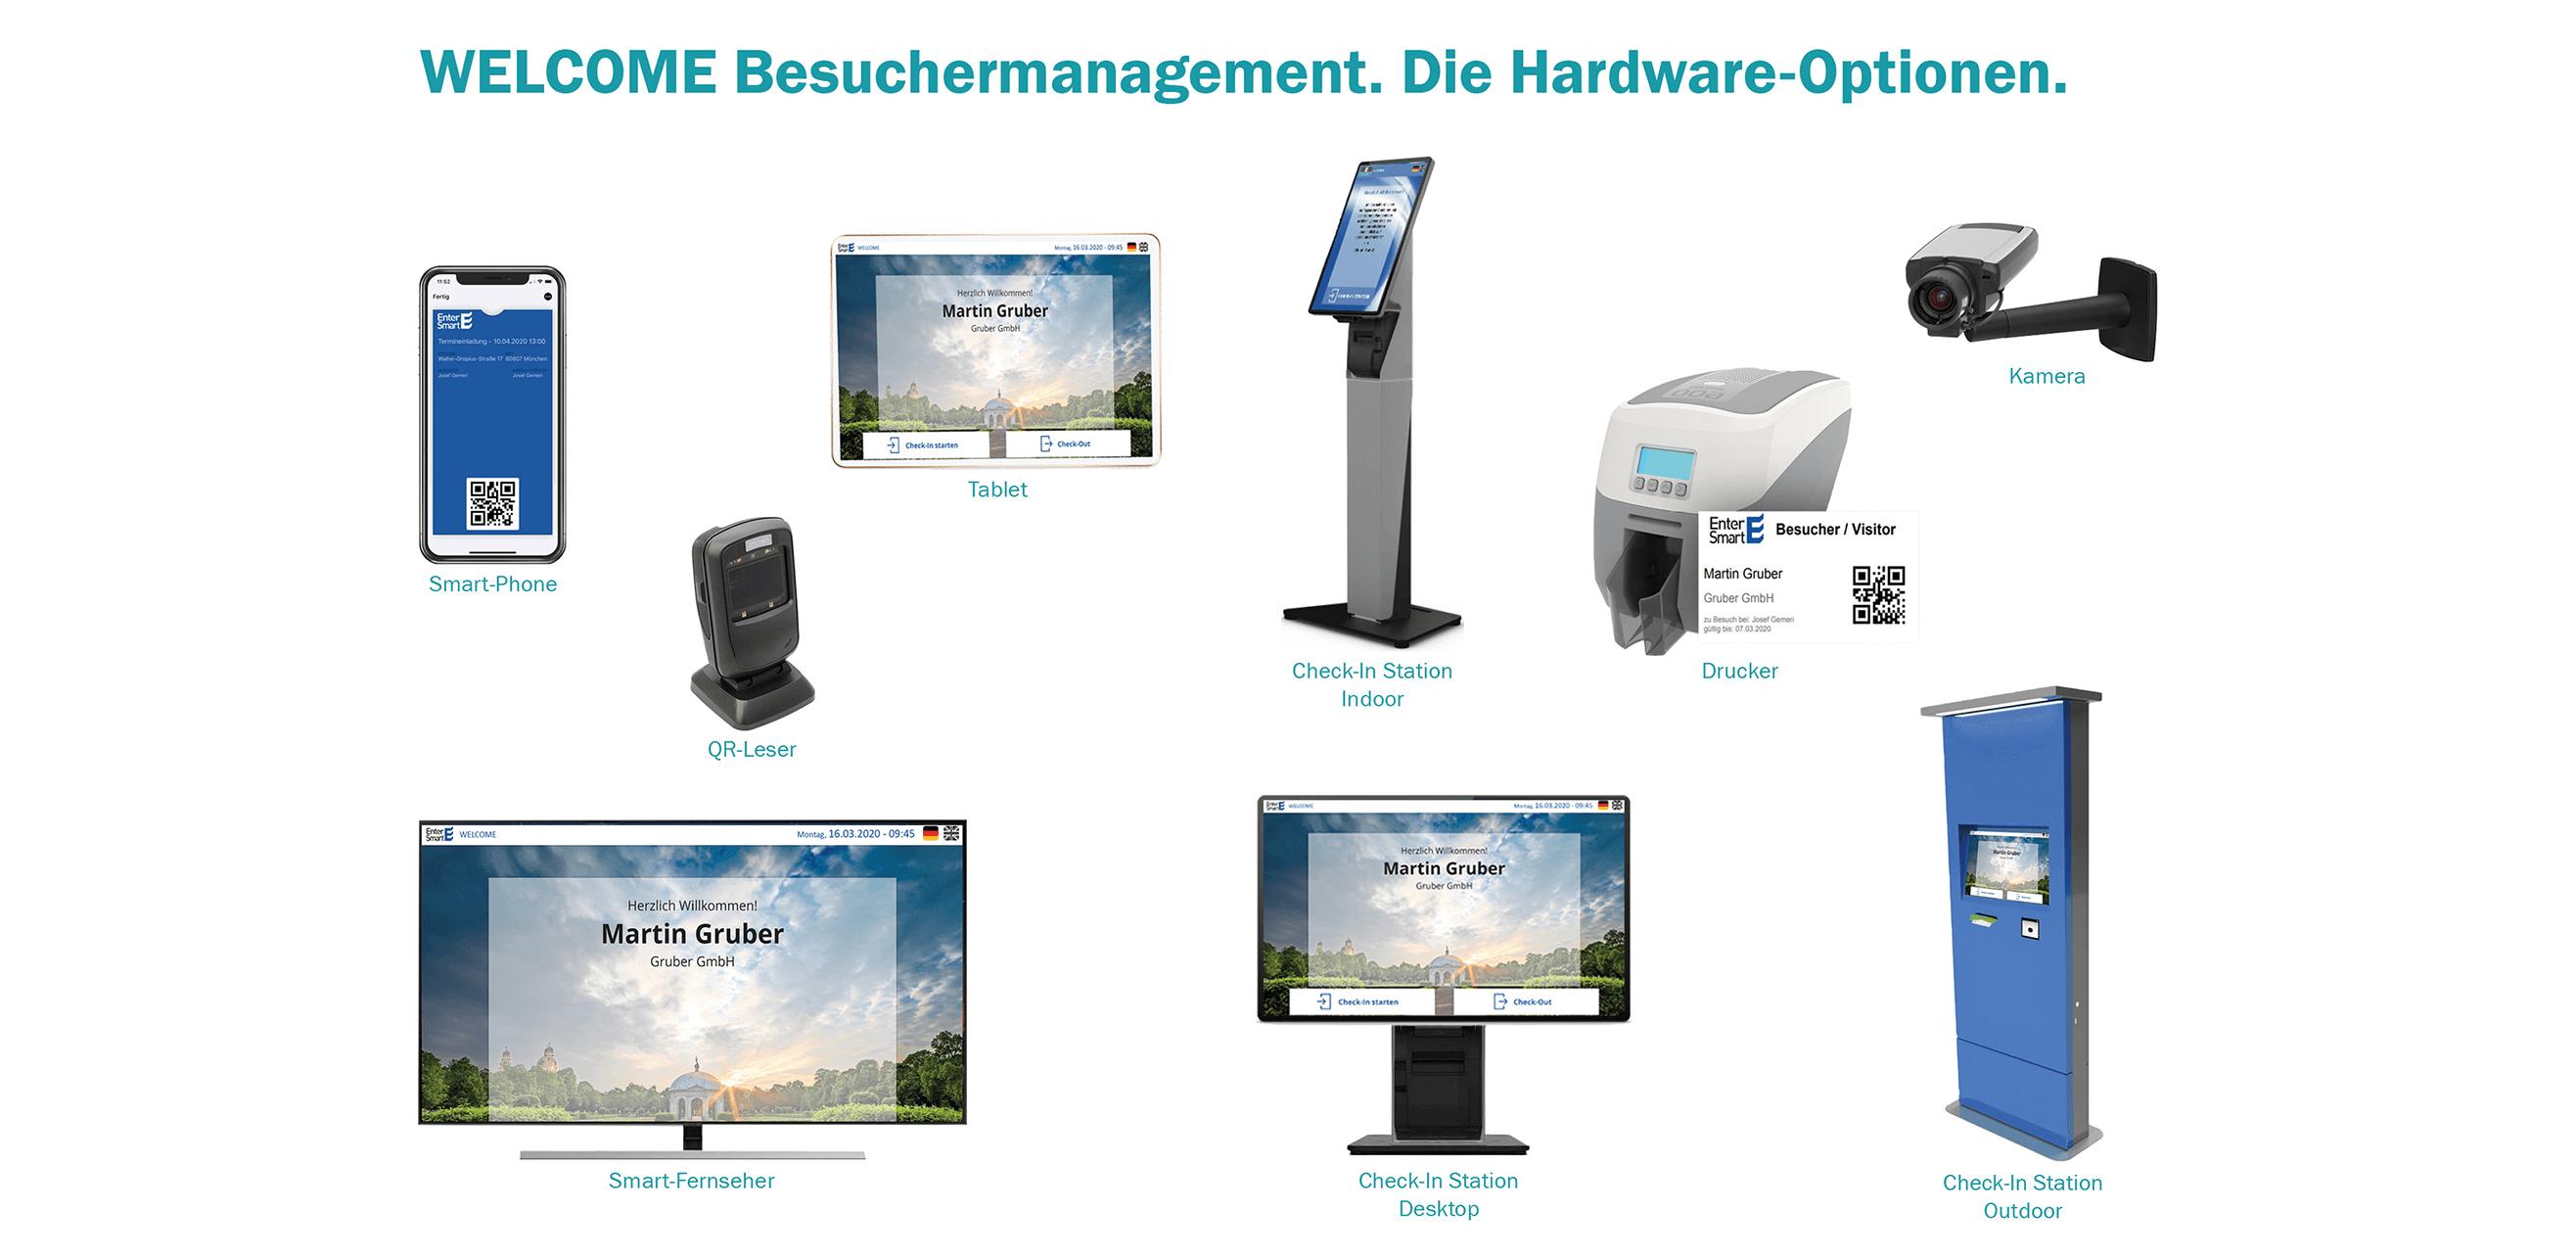 WELCOME Besuchermanagement_Hardwareoptionen